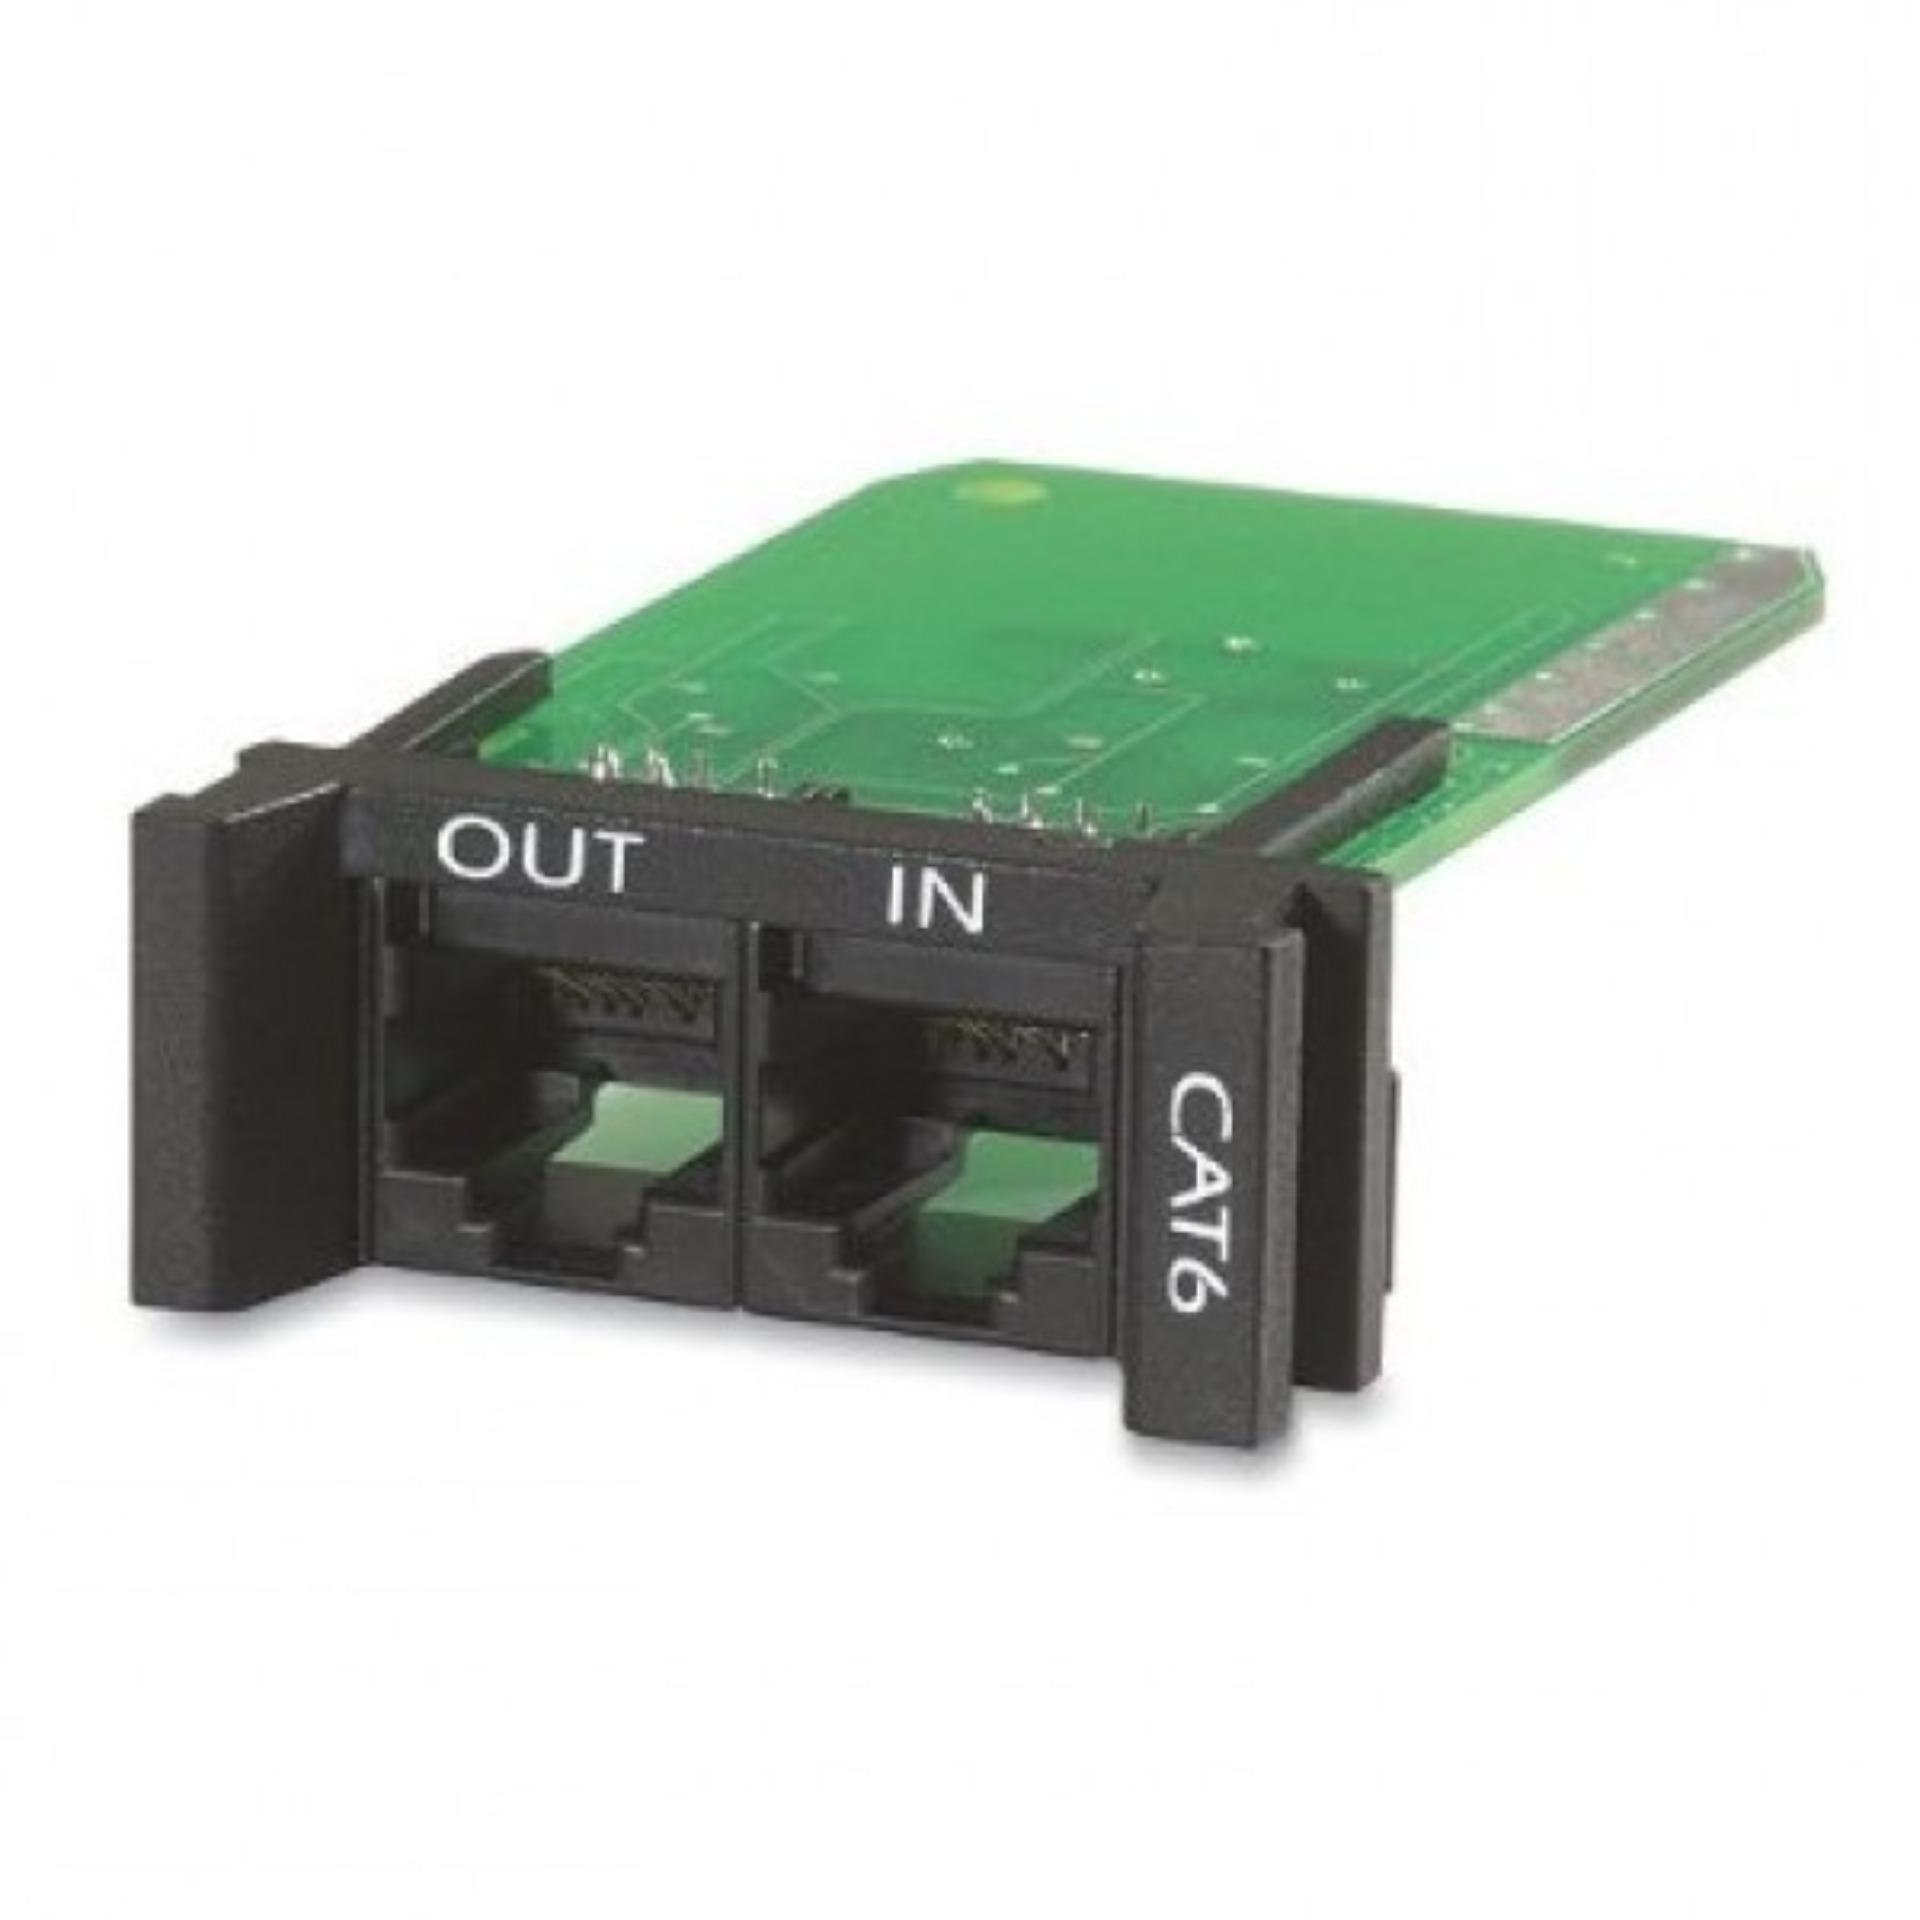 Thiết bị chống sét trên đường truyền dữ liệu APC – PNETR6